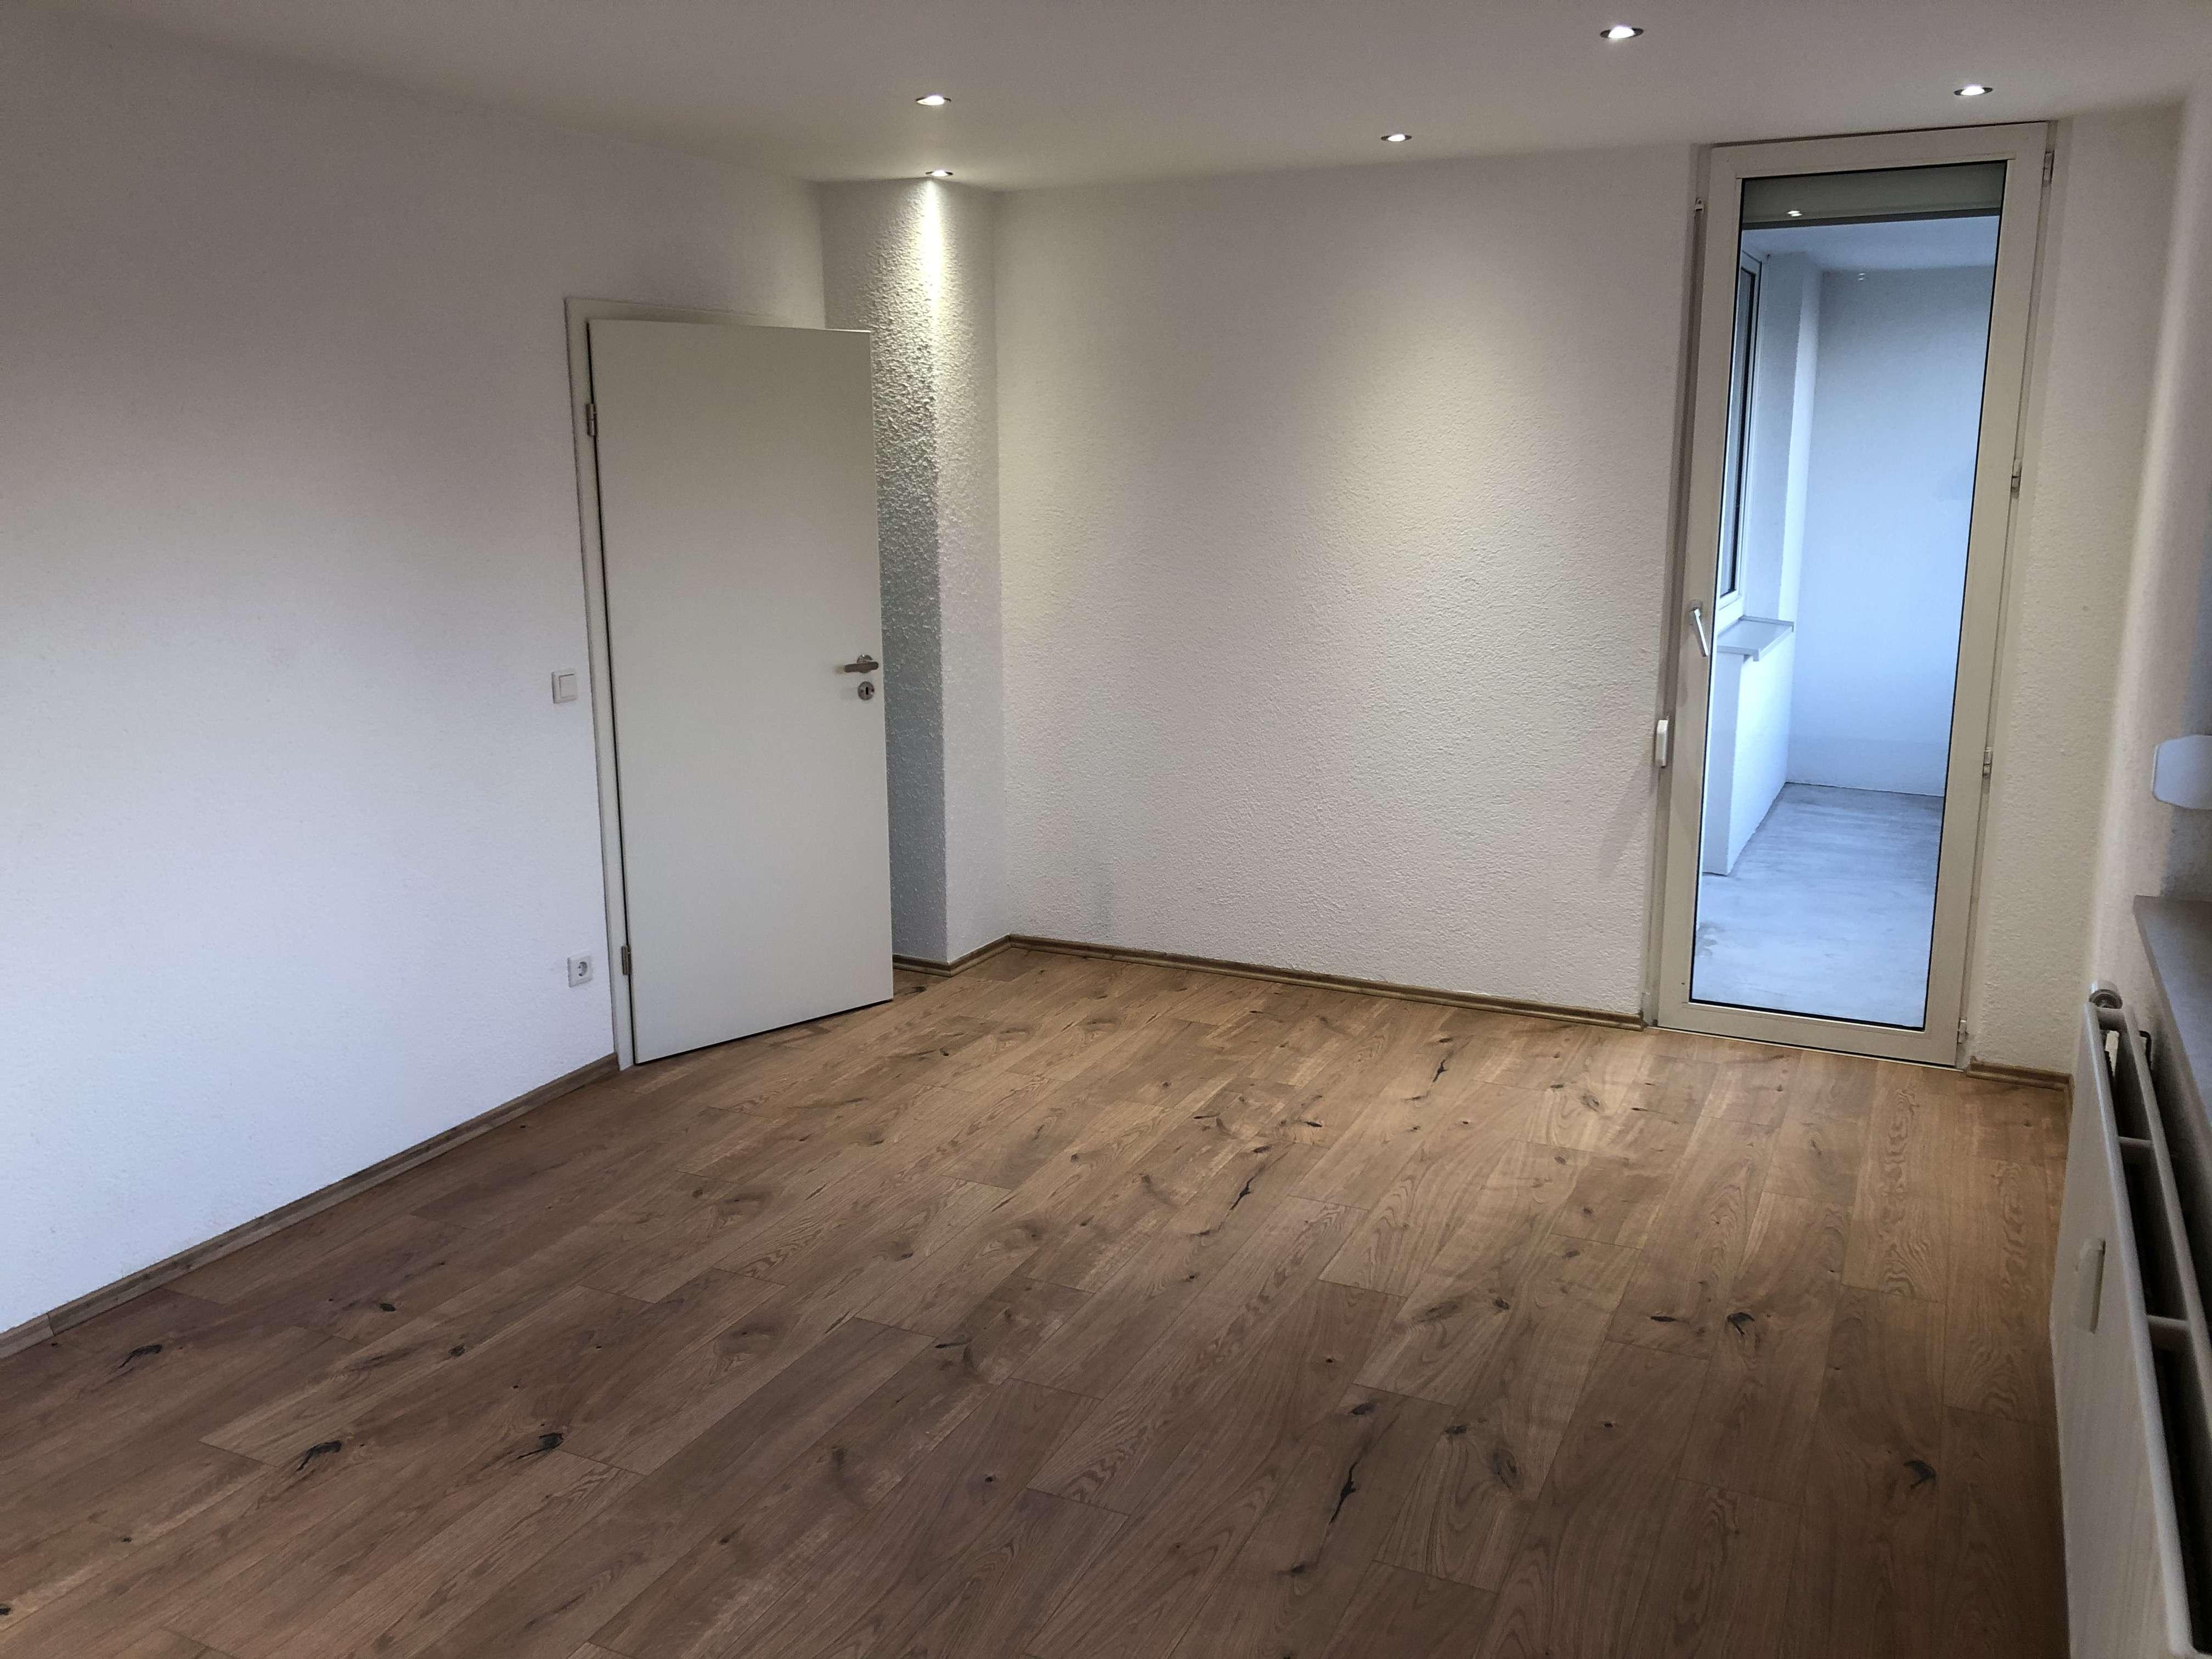 Vollständig renovierte 2-Zimmer-Wohnung mit Balkon und Einbauküche in Neuburg an der Donau in Neuburg an der Donau